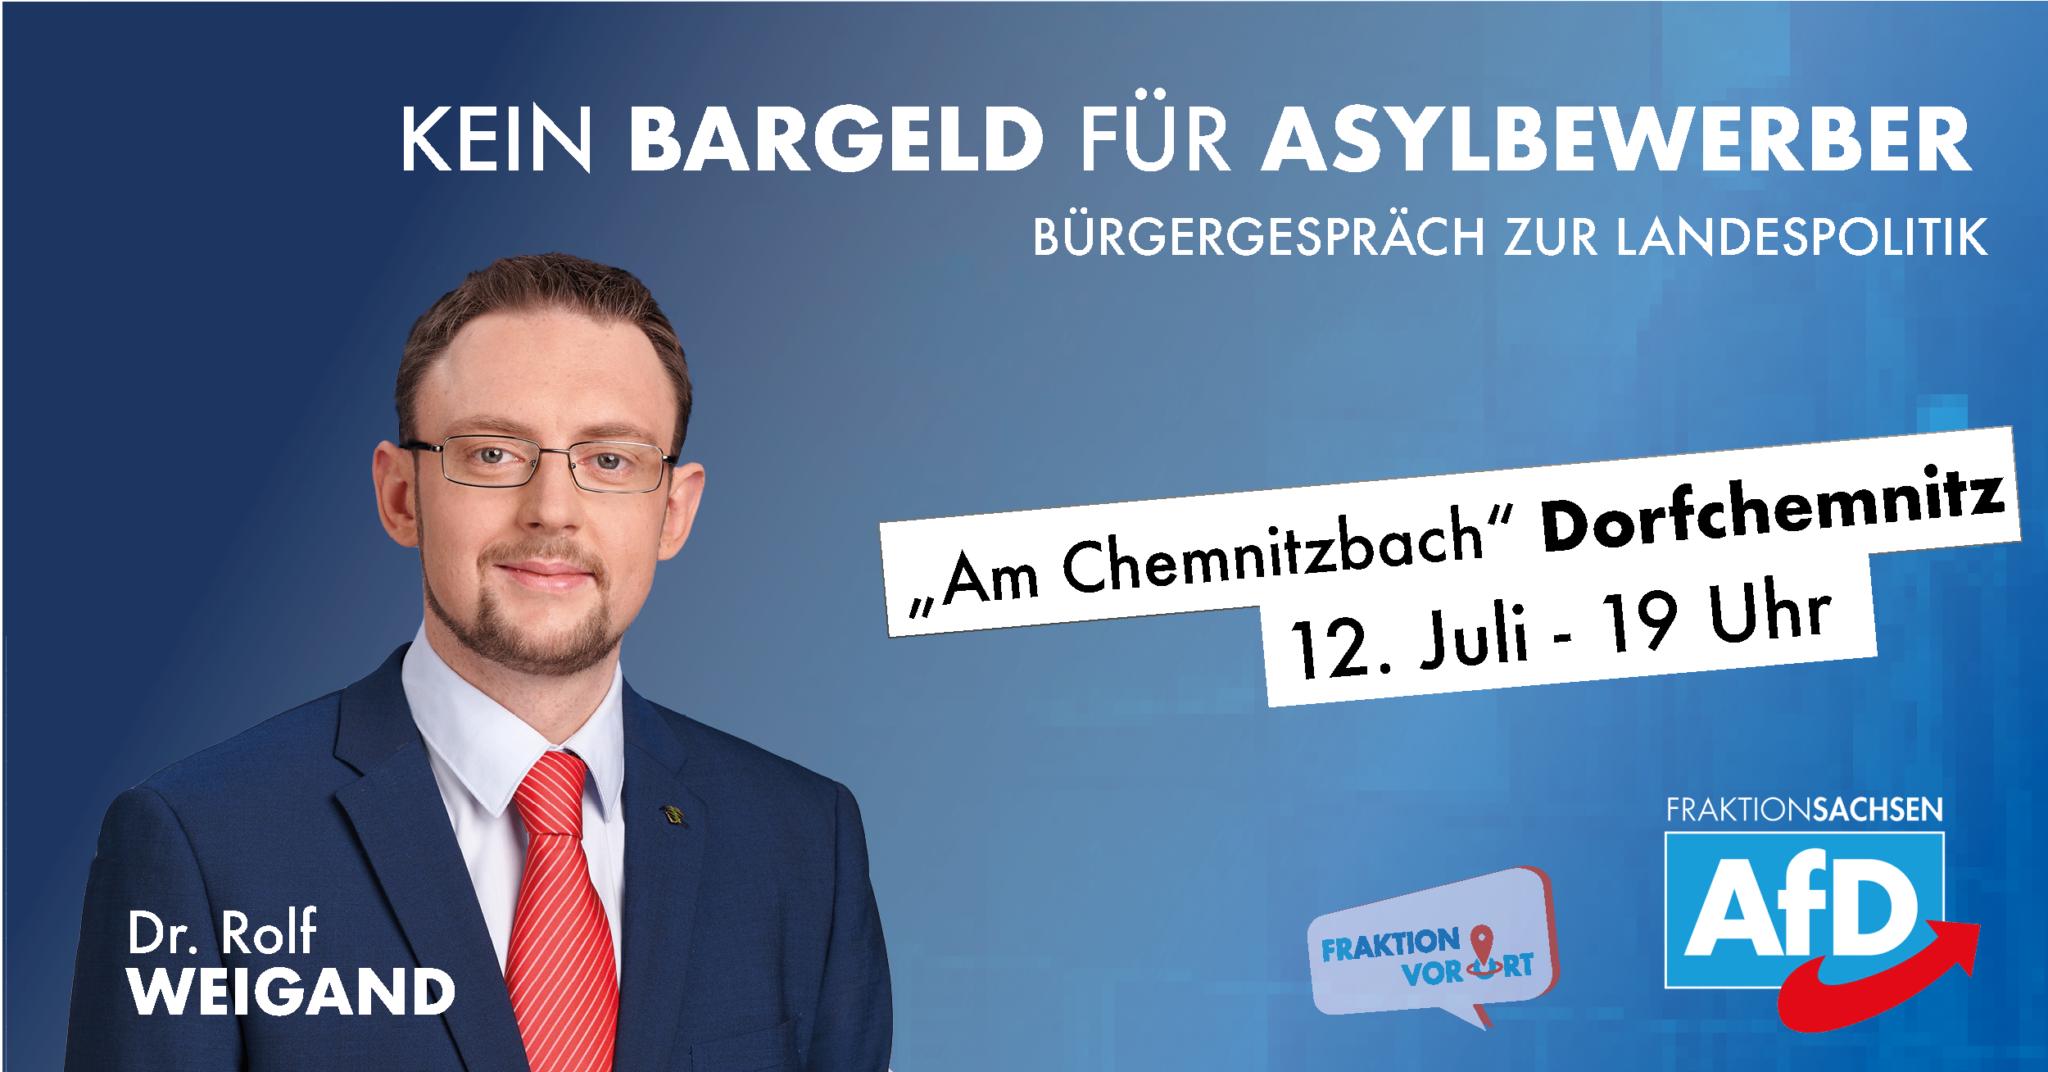 AfD-Landtagsfraktion vor Ort mit Dr. Rolf Weigand